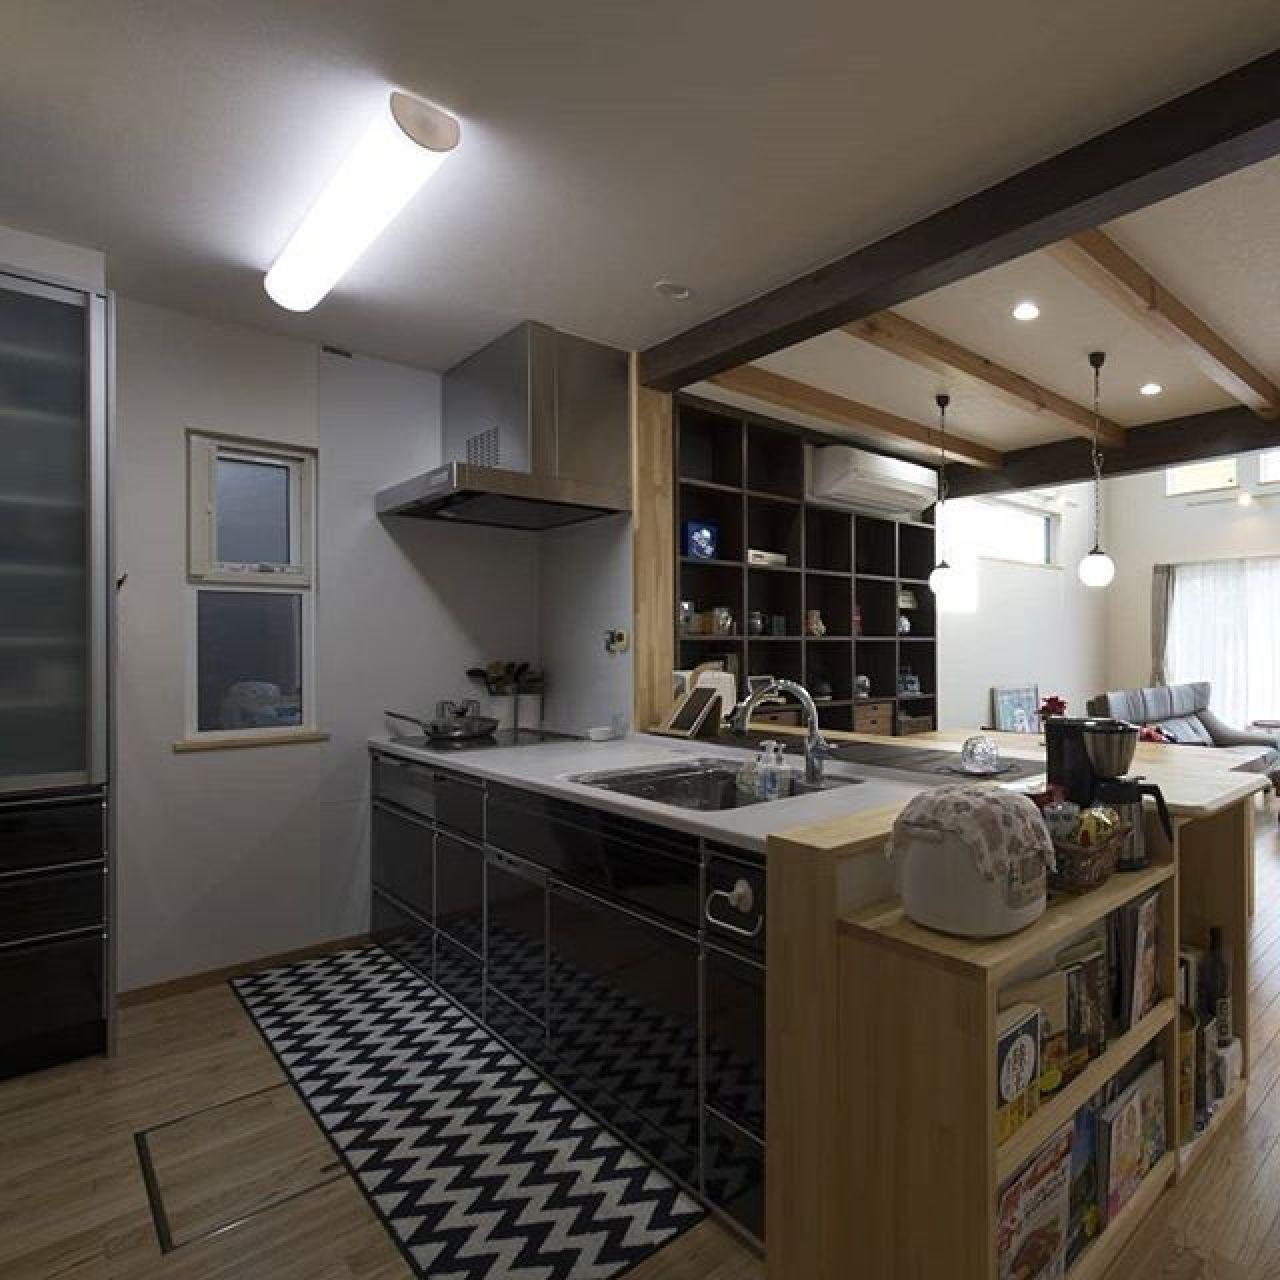 キッチンカウンターと一緒に造り付けたカウンター収納。炊飯器をどうしてもこの位置に置きたいとのたってのご要望。キッチン、ダイニング、どちらからも使えてとっても便利だそうです。#カウンター収納 #カウンターキッチン #造り付け #タカラスタンダード #エコシャワー#キッチン #i型キッチン #吊り戸棚 #apw #樹脂窓 #トリプルガラス